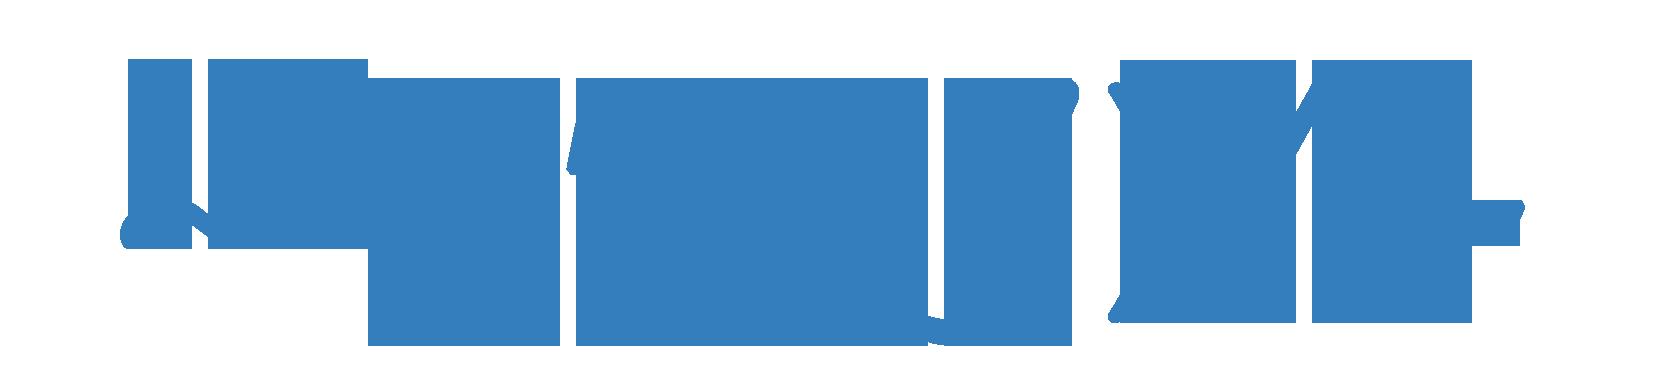 嗟嗟嗟-じぇじぇじぇ!~(''jjj'')